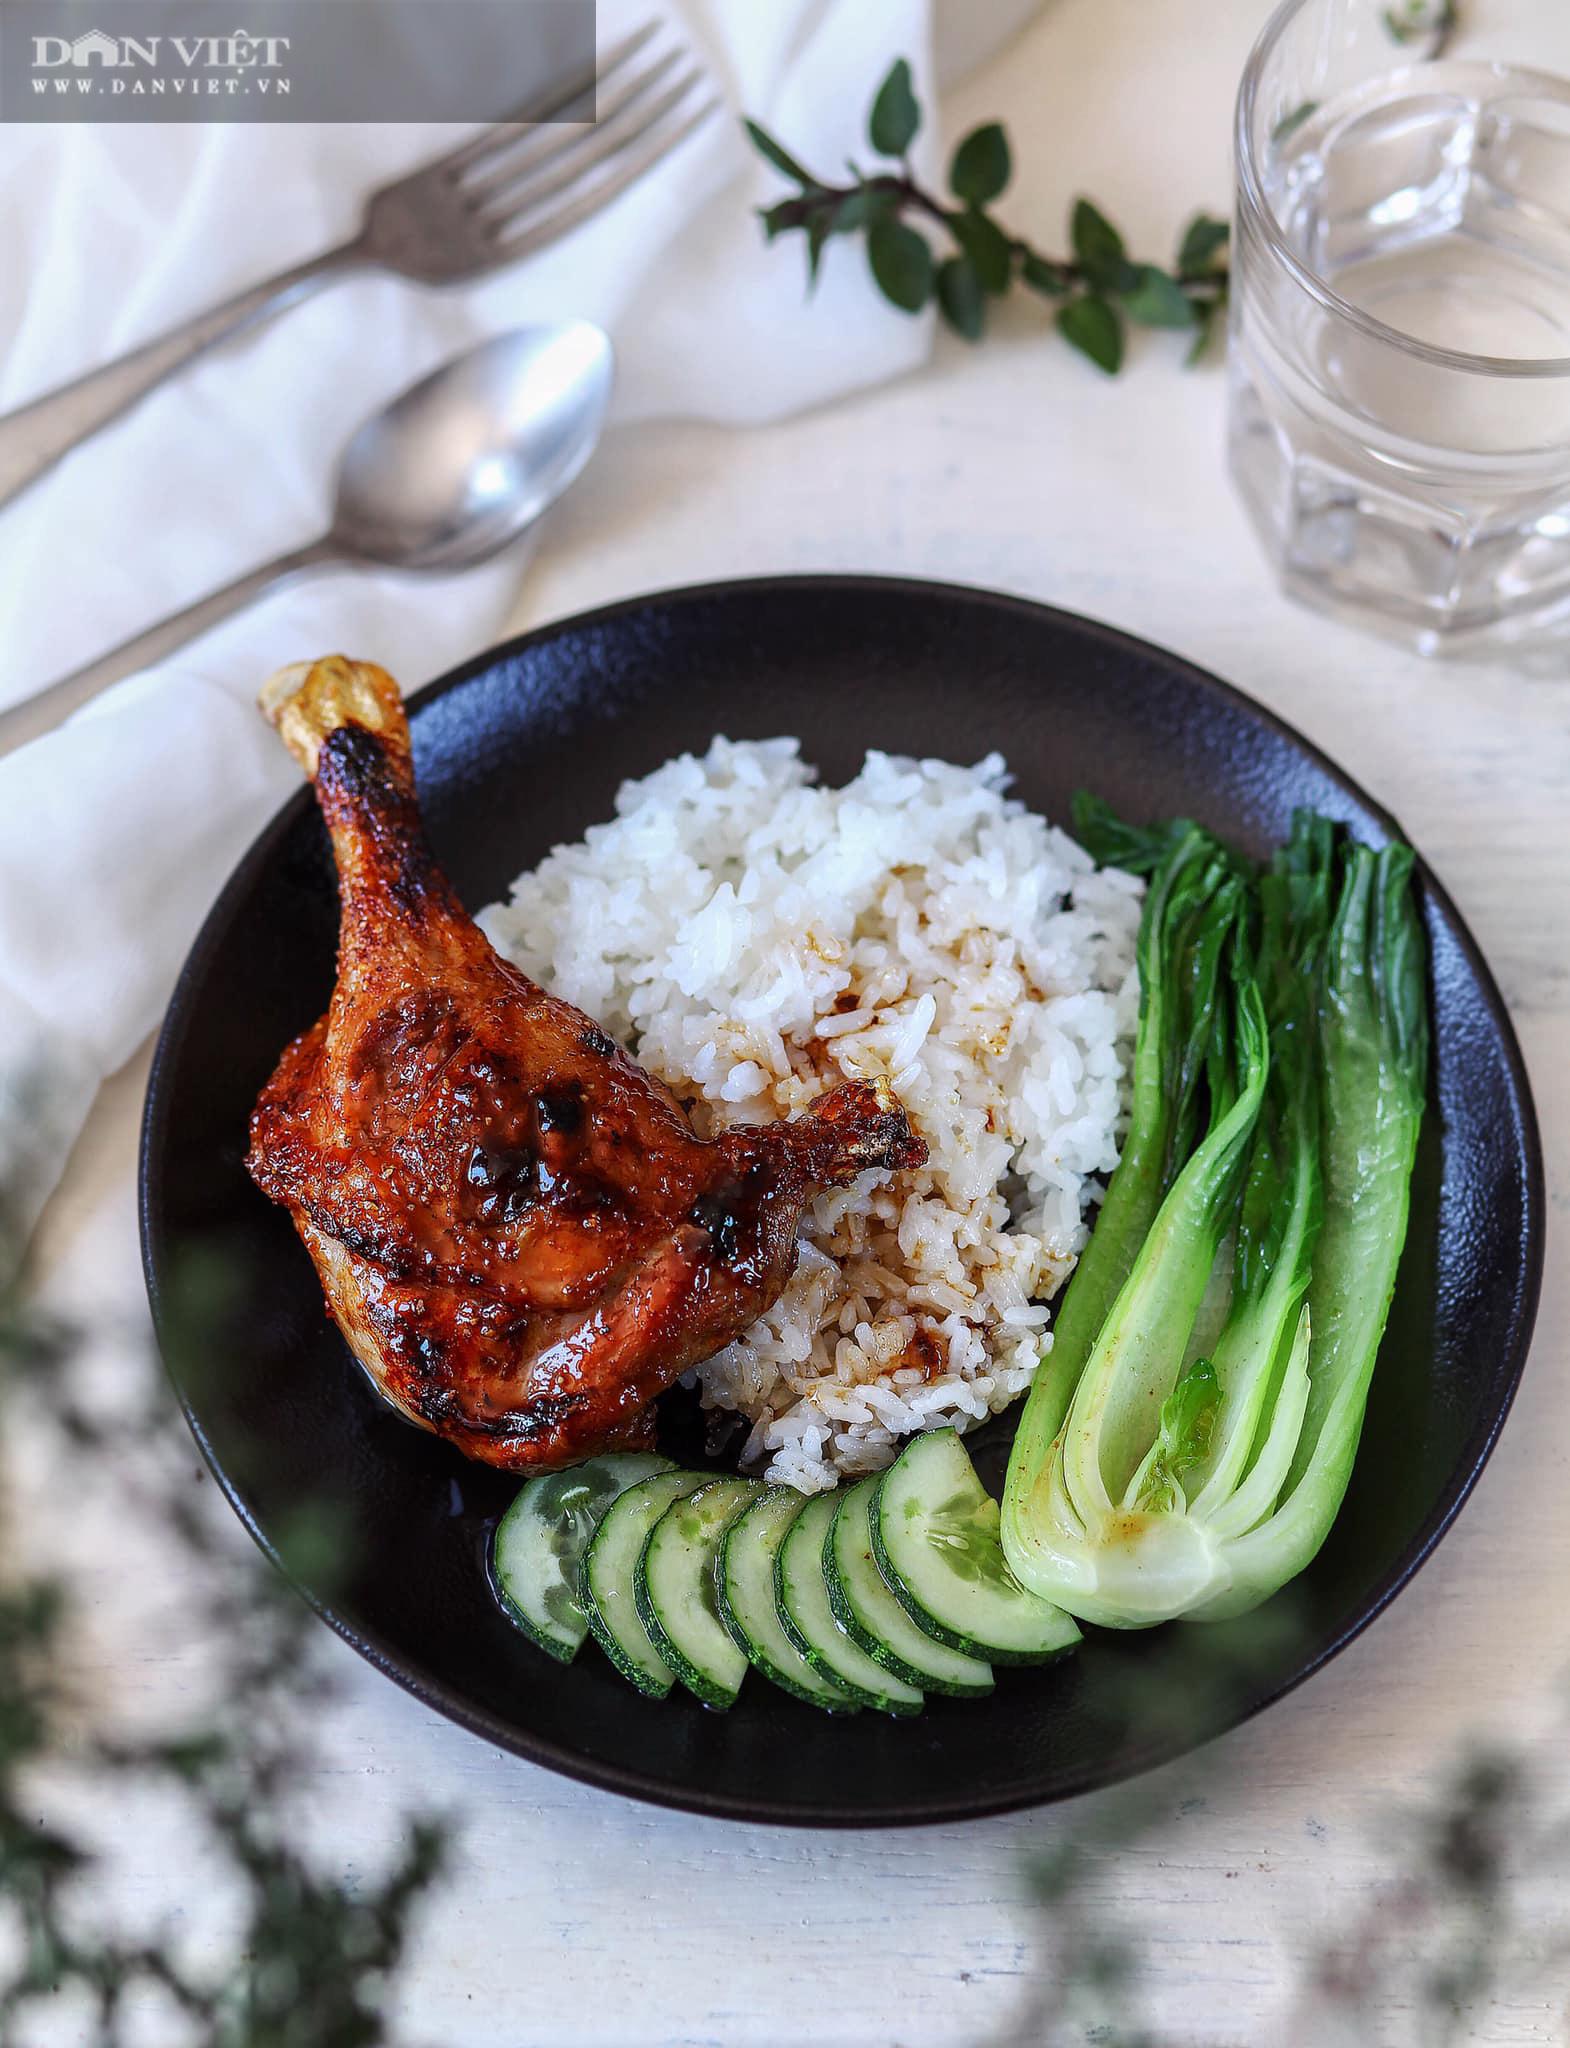 Những món ăn ngon được chế biến từ thịt vịt - Ảnh 3.